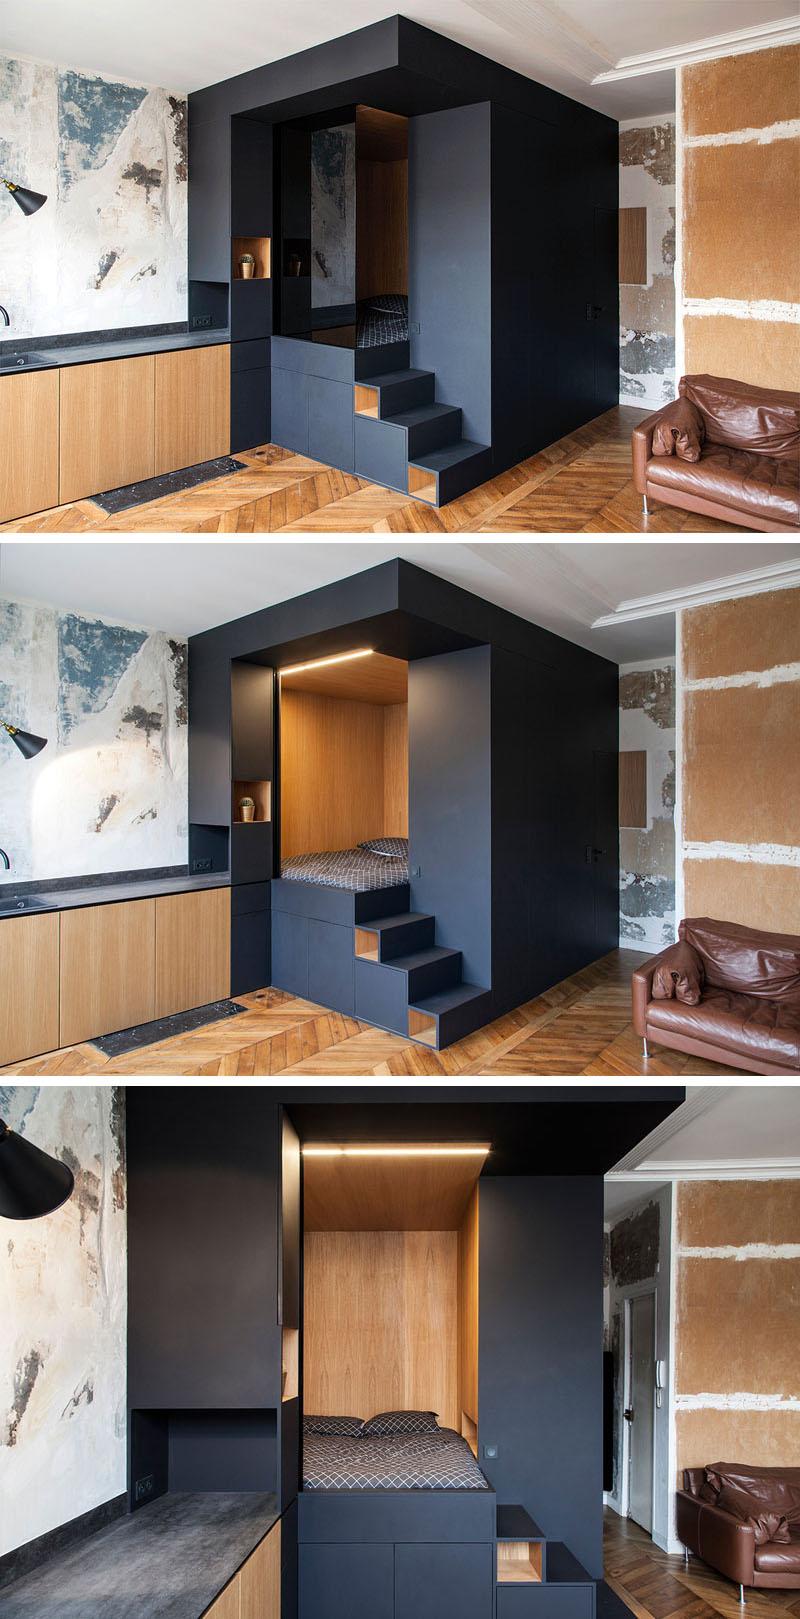 طراحی داخلی آپارتمان کوچک با باکس اتاق خواب سفارشی